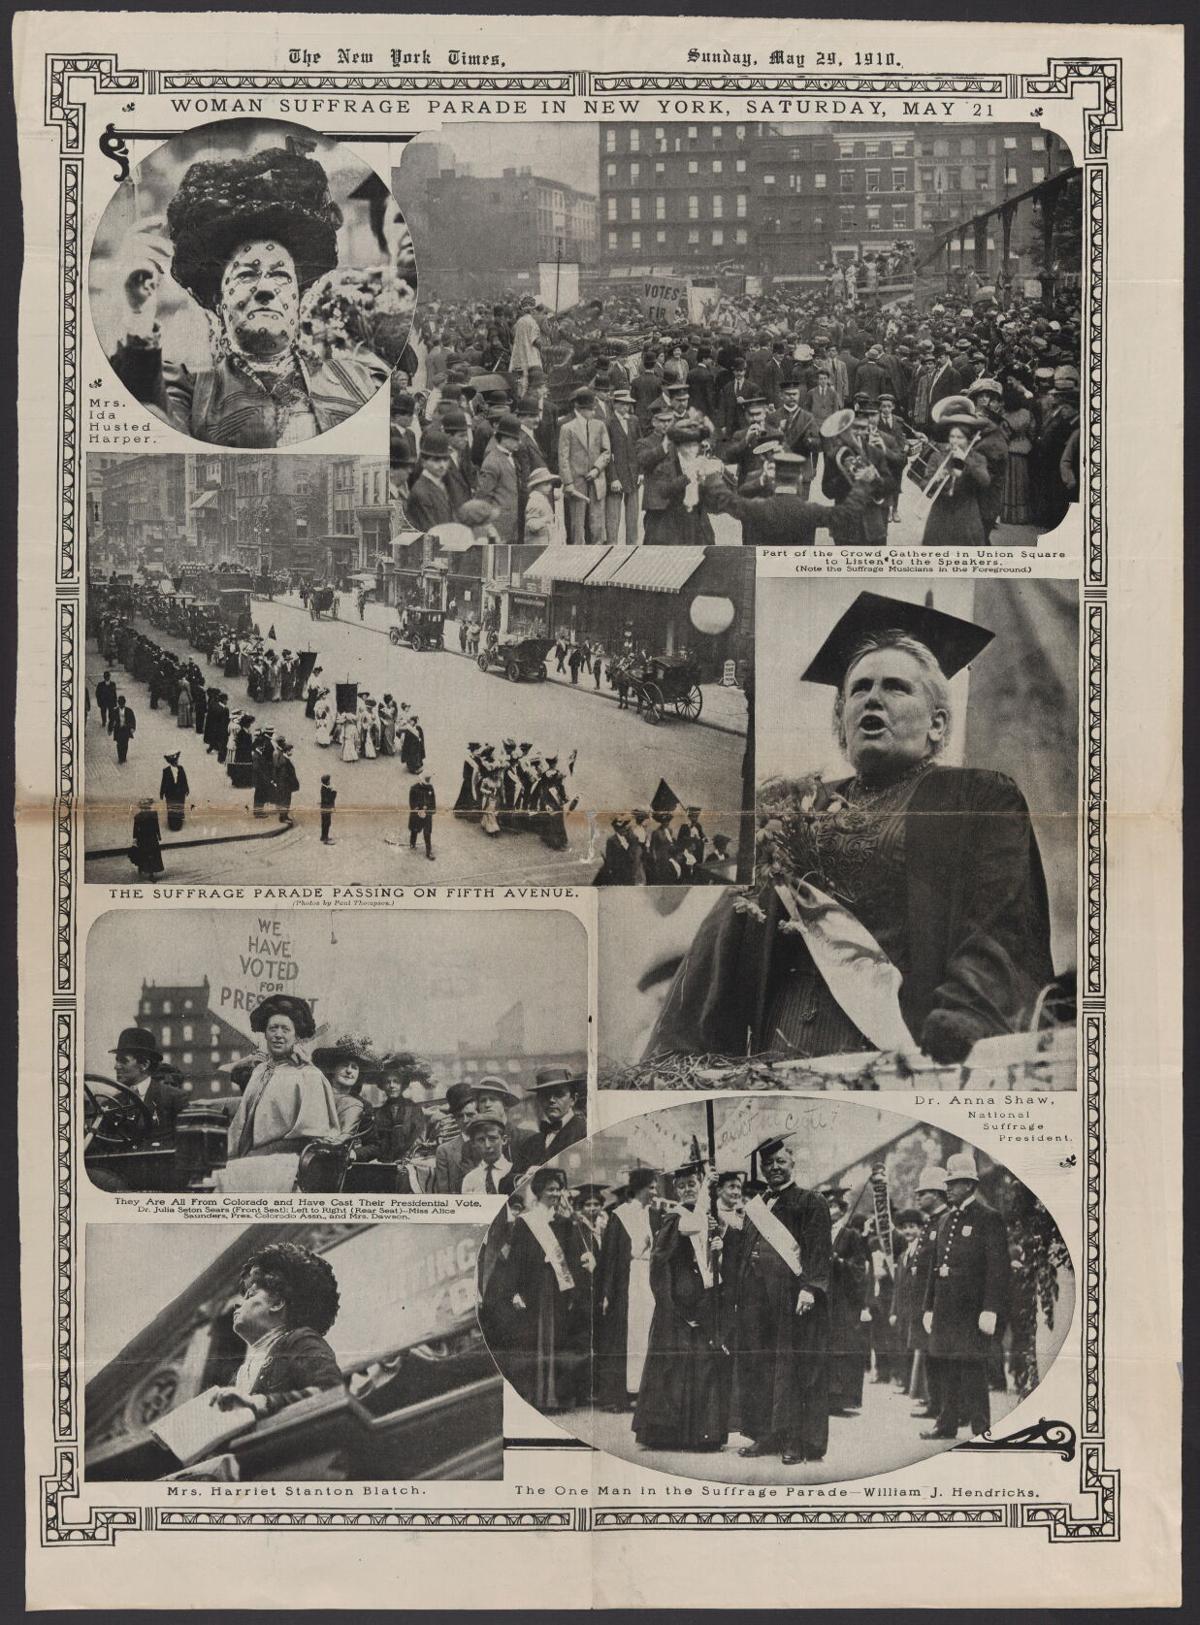 Suffrage parade